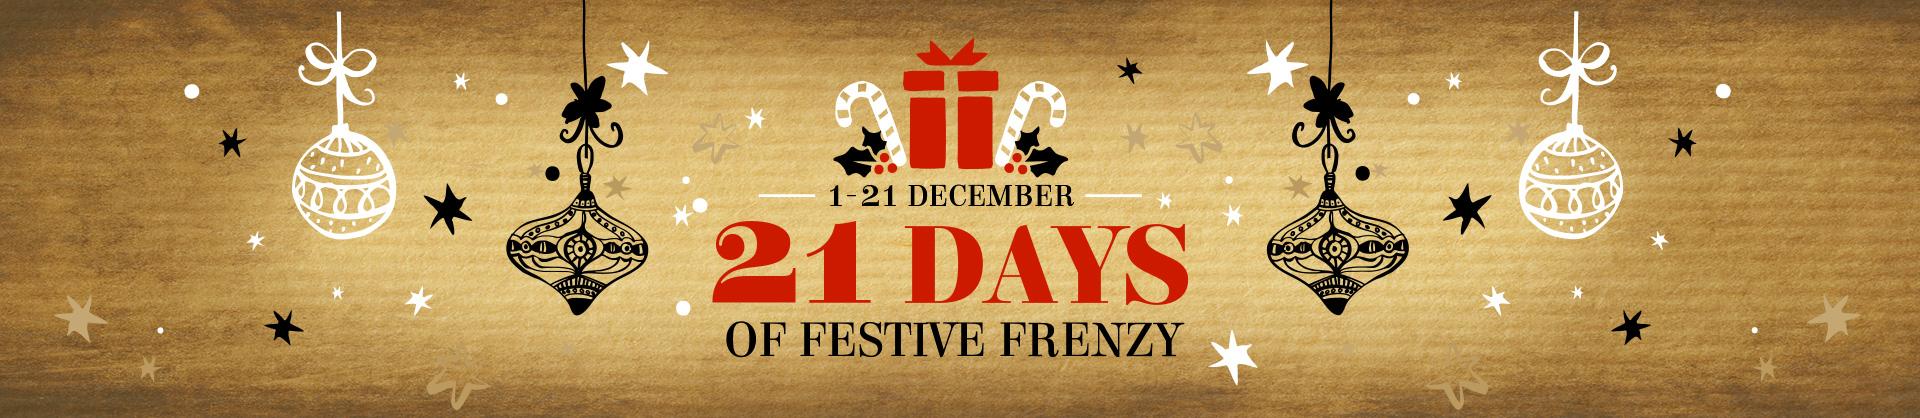 21 days of festive frenzy